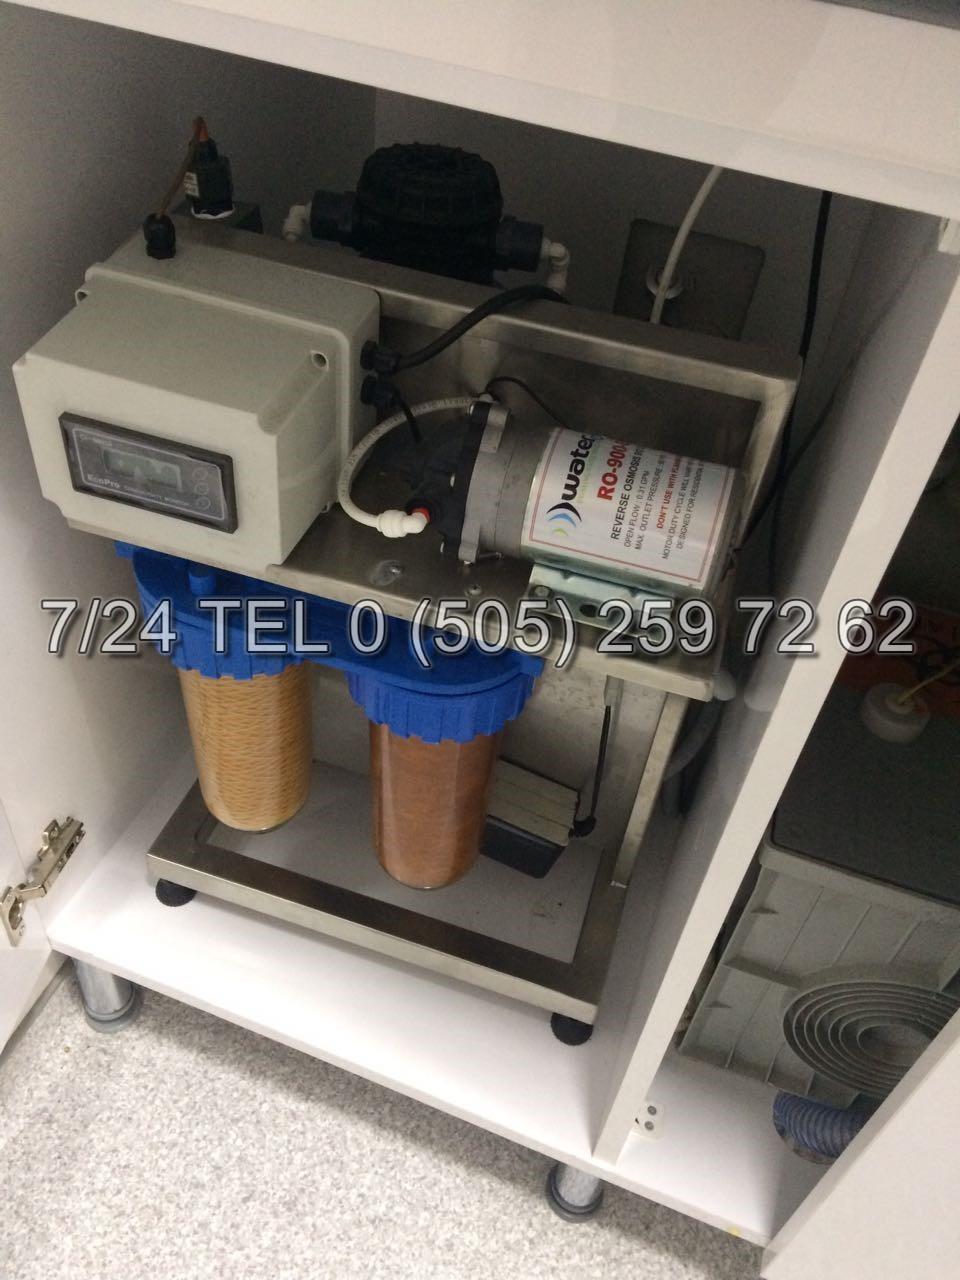 Trabzon Endüstriyel Su Arıtma Cihazı